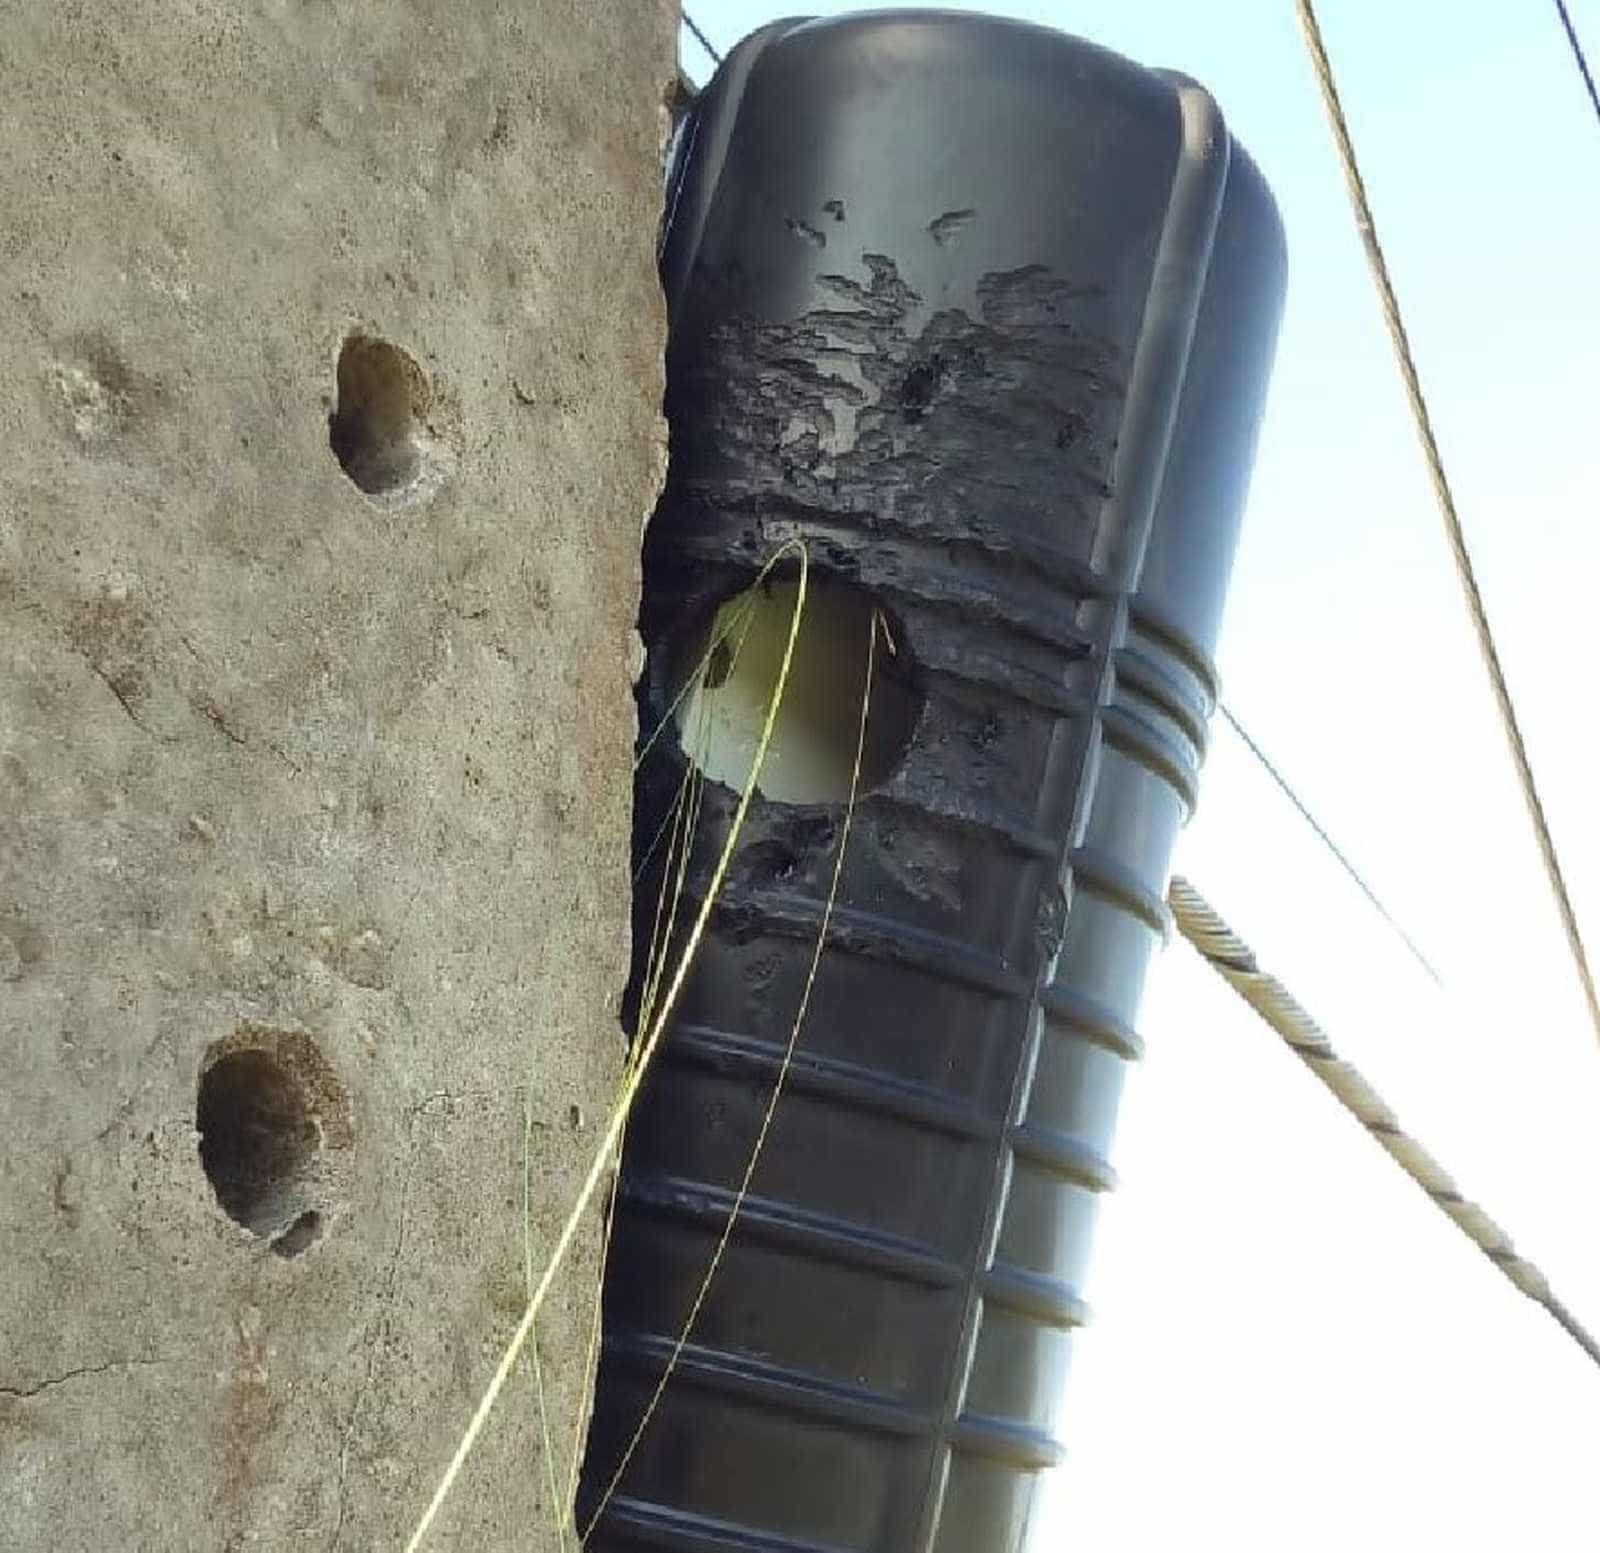 Pica-pau deixa cidade no AC sem internet e telefone por quase 5h